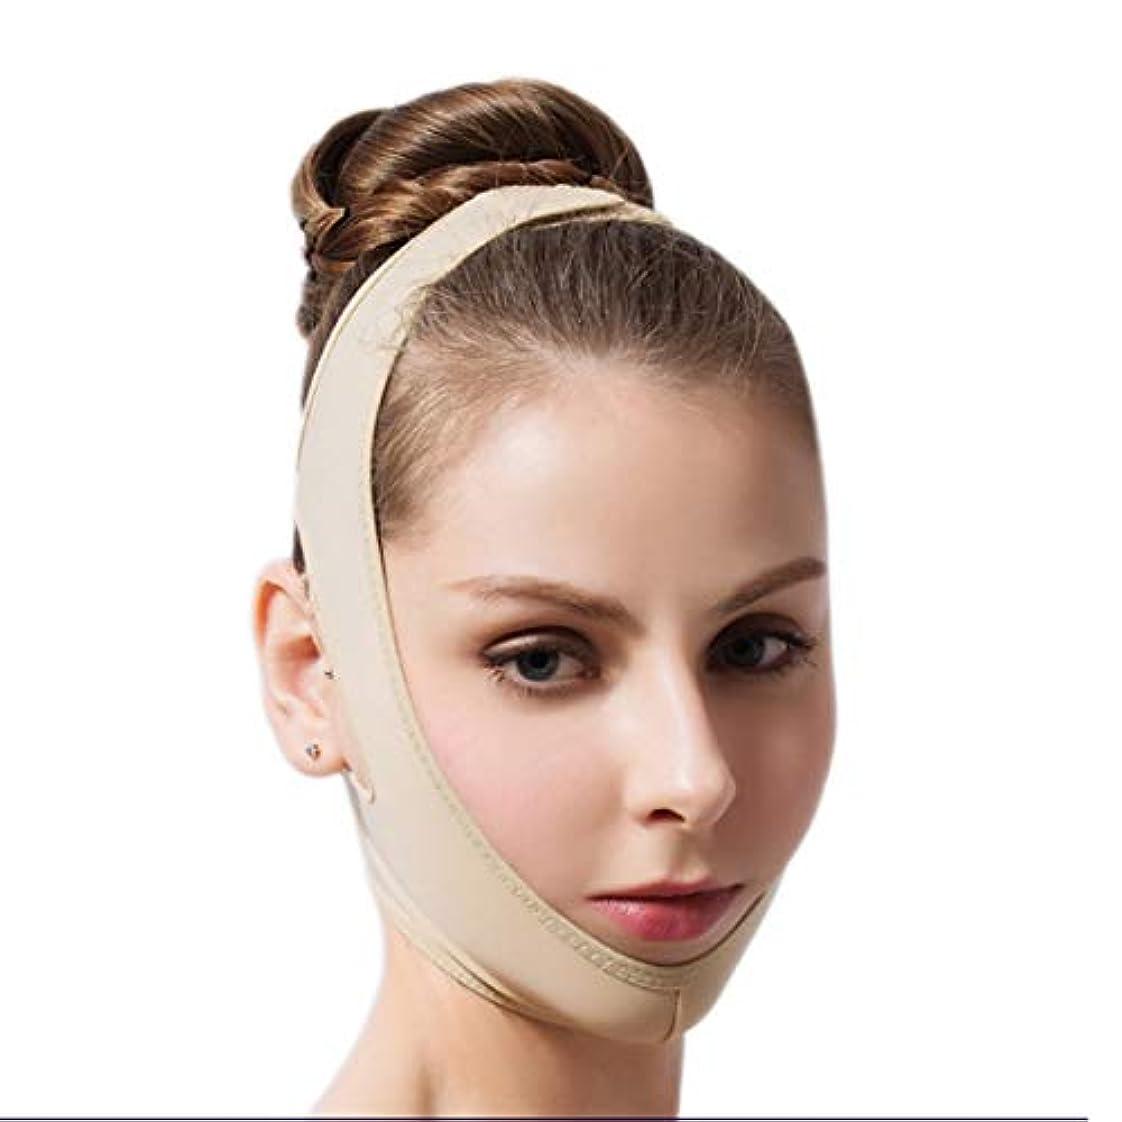 複雑経済海峡ひもZWBD フェイスマスク, フェイスリフト包帯V整形術後回復包帯医療グレードマスクバンドルジョー二重あご (Size : L)